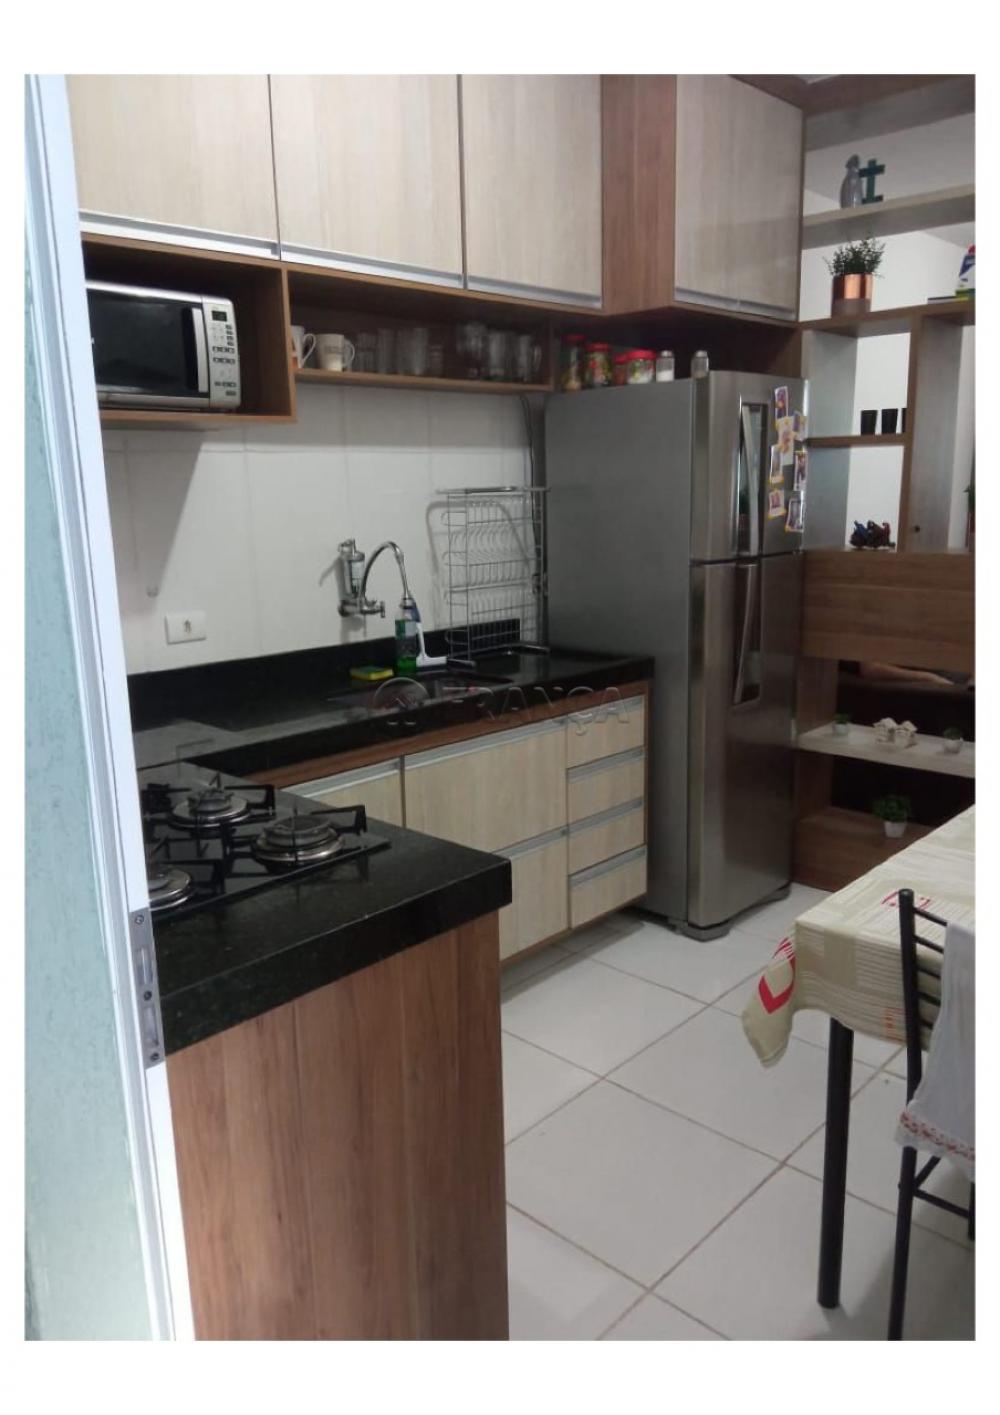 Alugar Casa / Condomínio em Jacareí R$ 1.000,00 - Foto 5